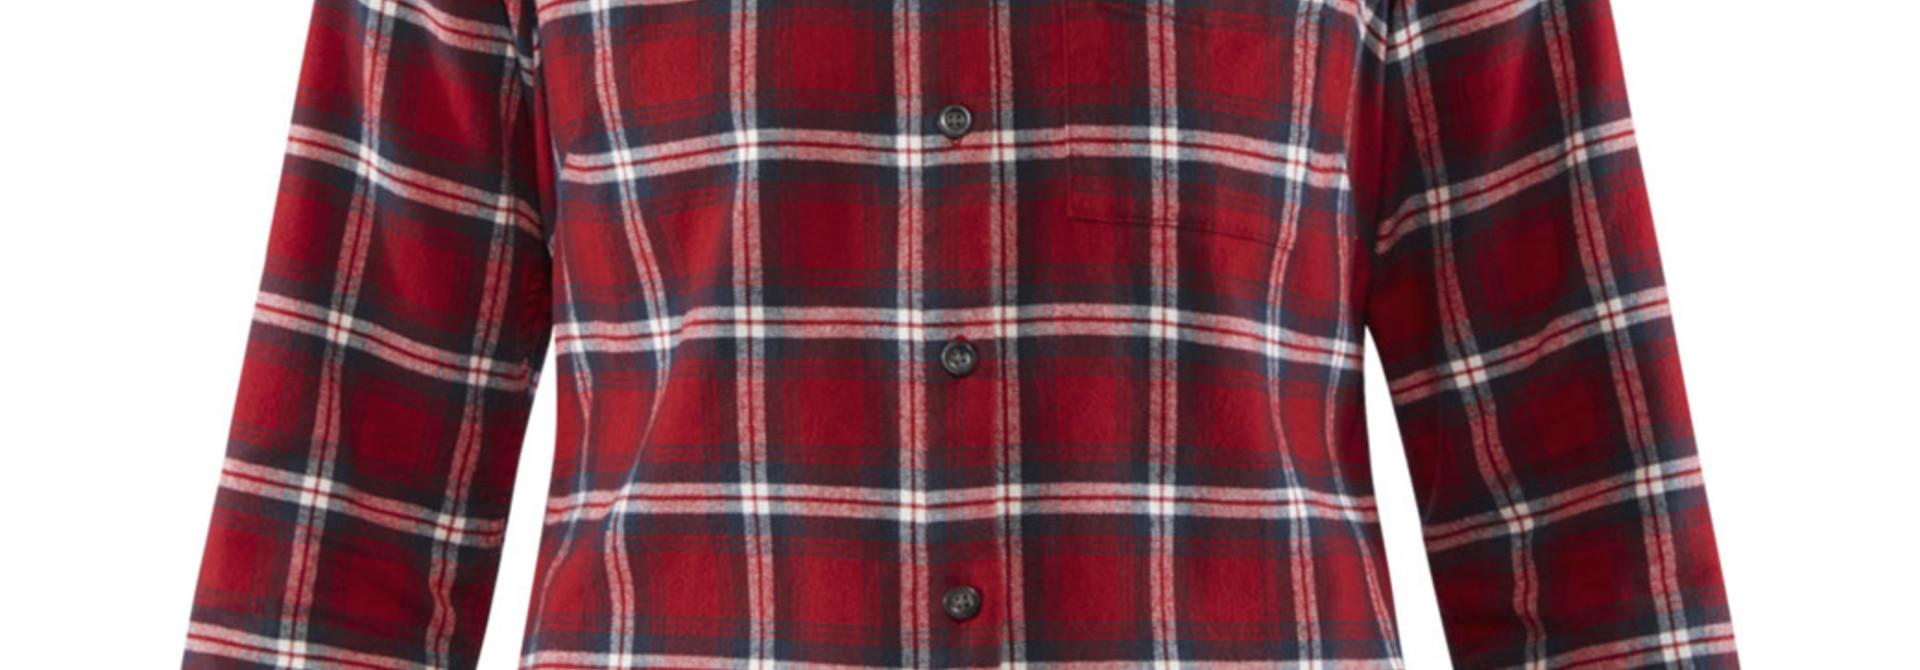 Fjällräven Övik Flannel Shirt W Deep Red